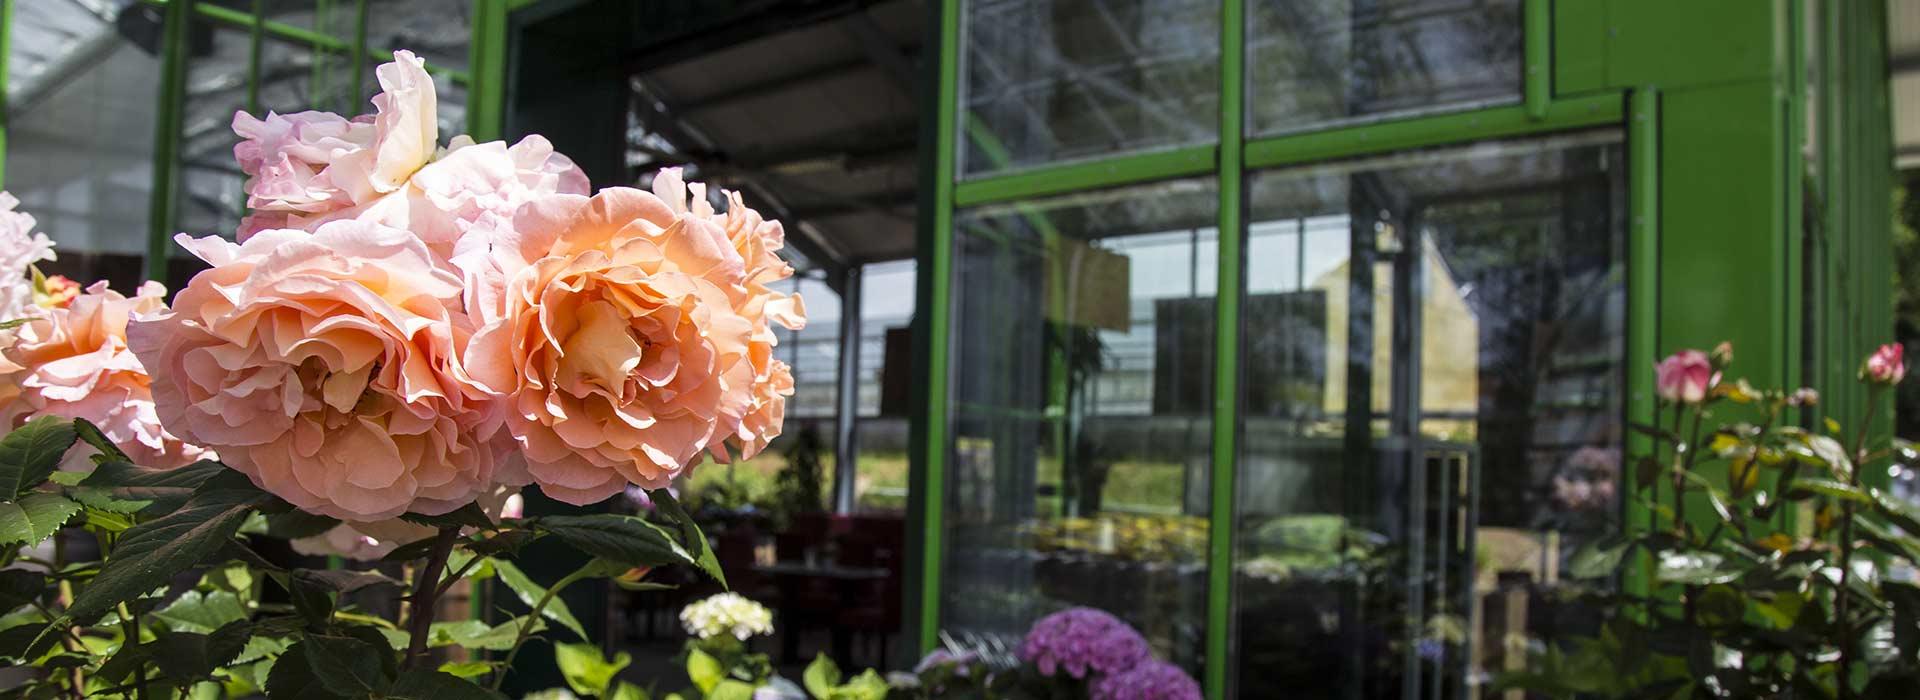 Blumengestecke für Gross und Klein bei Blumen Bachhubers Florale Welten in Zwiesel